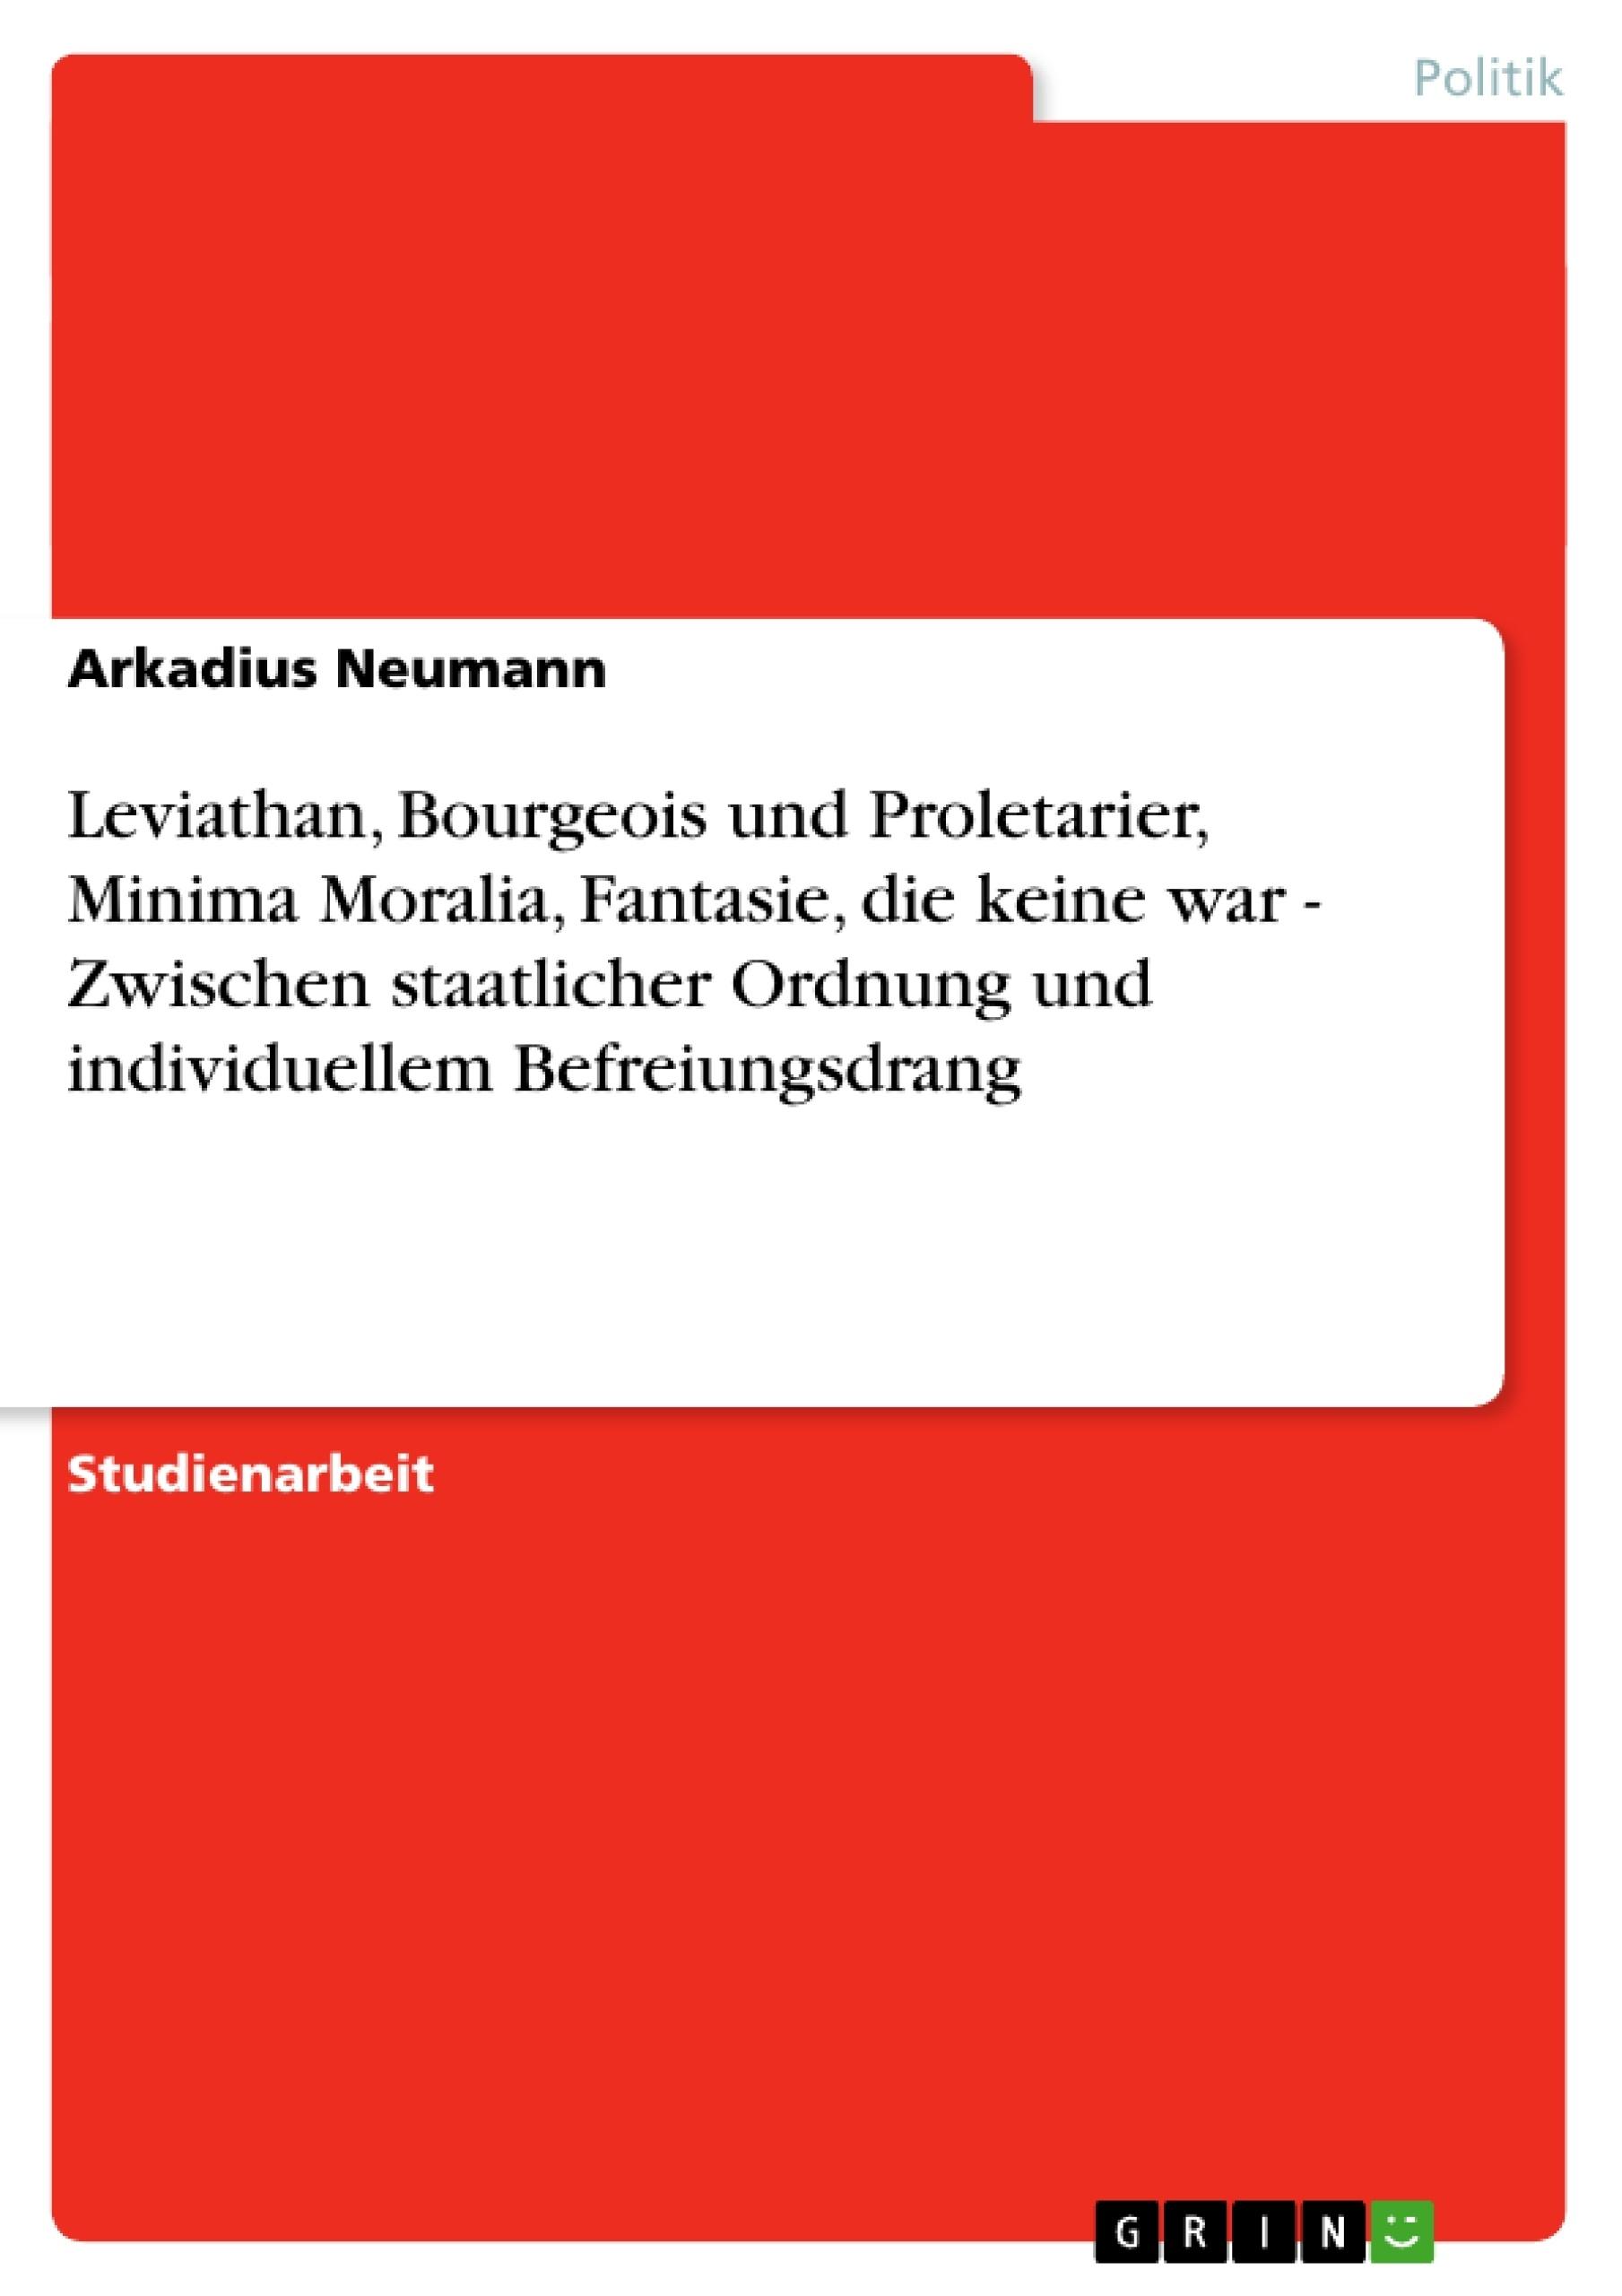 Titel: Leviathan, Bourgeois und Proletarier, Minima Moralia, Fantasie, die keine war - Zwischen staatlicher Ordnung und individuellem Befreiungsdrang